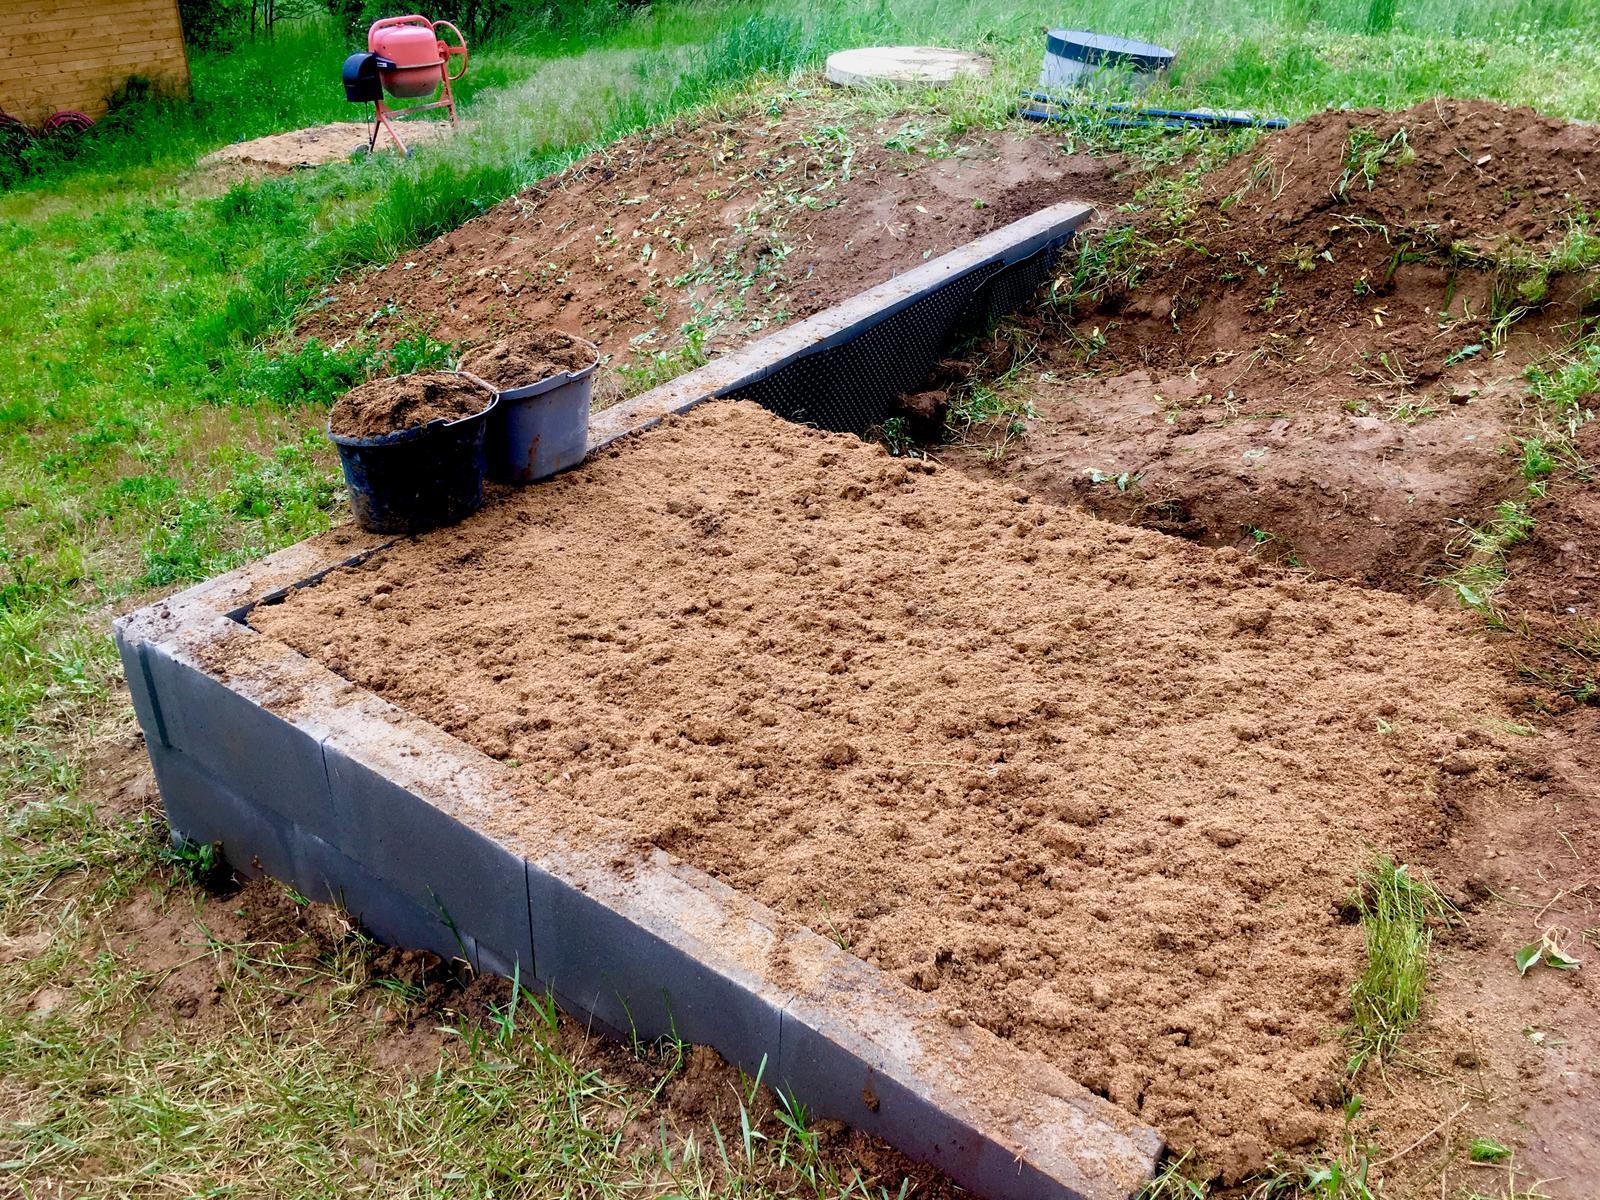 Fáze druhá ... zahrada - Květen 2019 - první vyvýšený záhon (plný zatím z poloviny), určený pro chřest, rajčata, bazalku, lichořeřišnici a měsíčky, letos doplněný hrášky a saláty